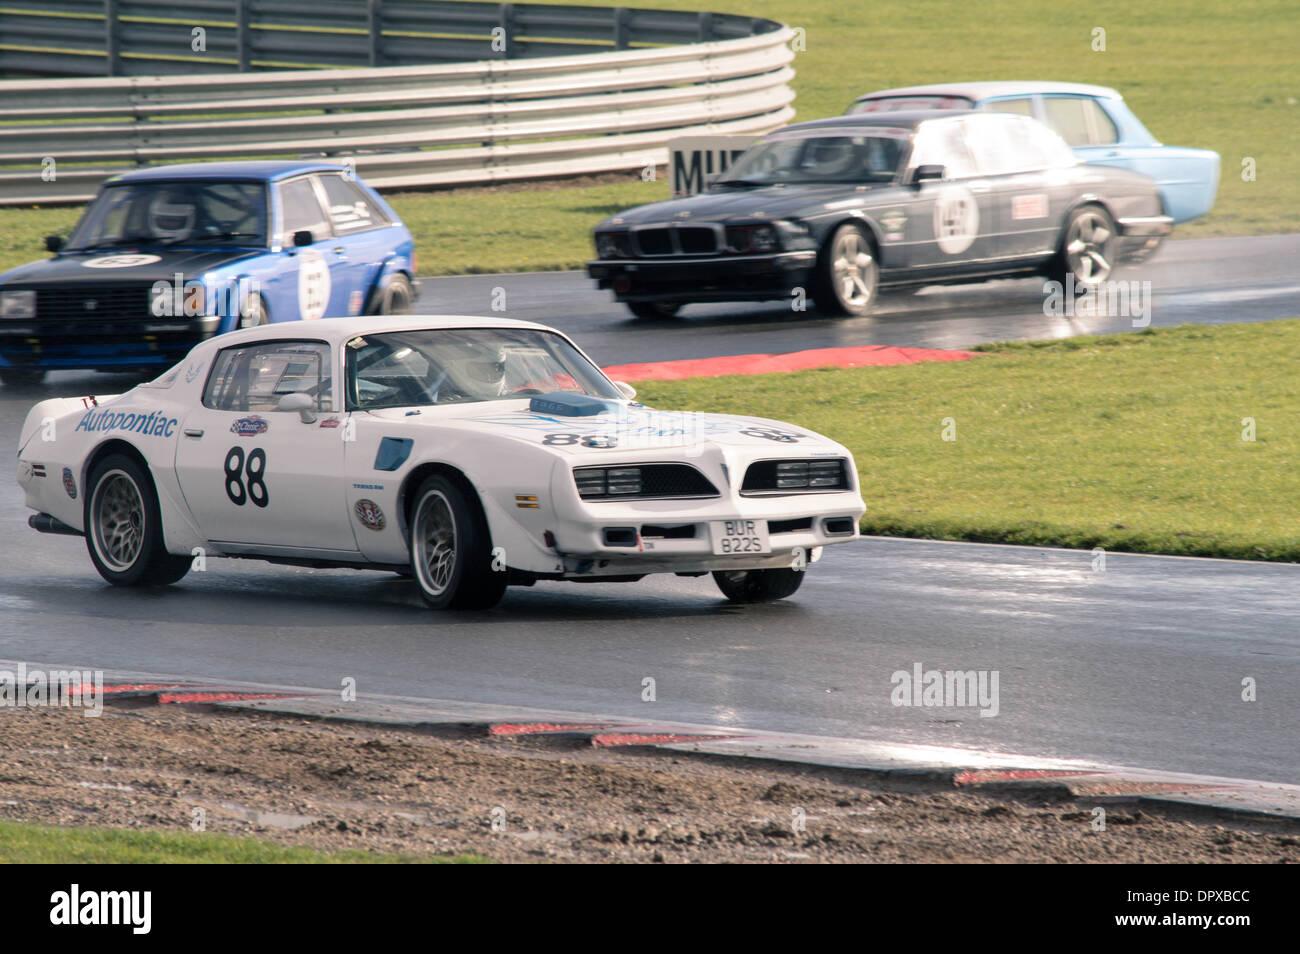 Coches clásicos deportivos Snetterton Imagen De Stock